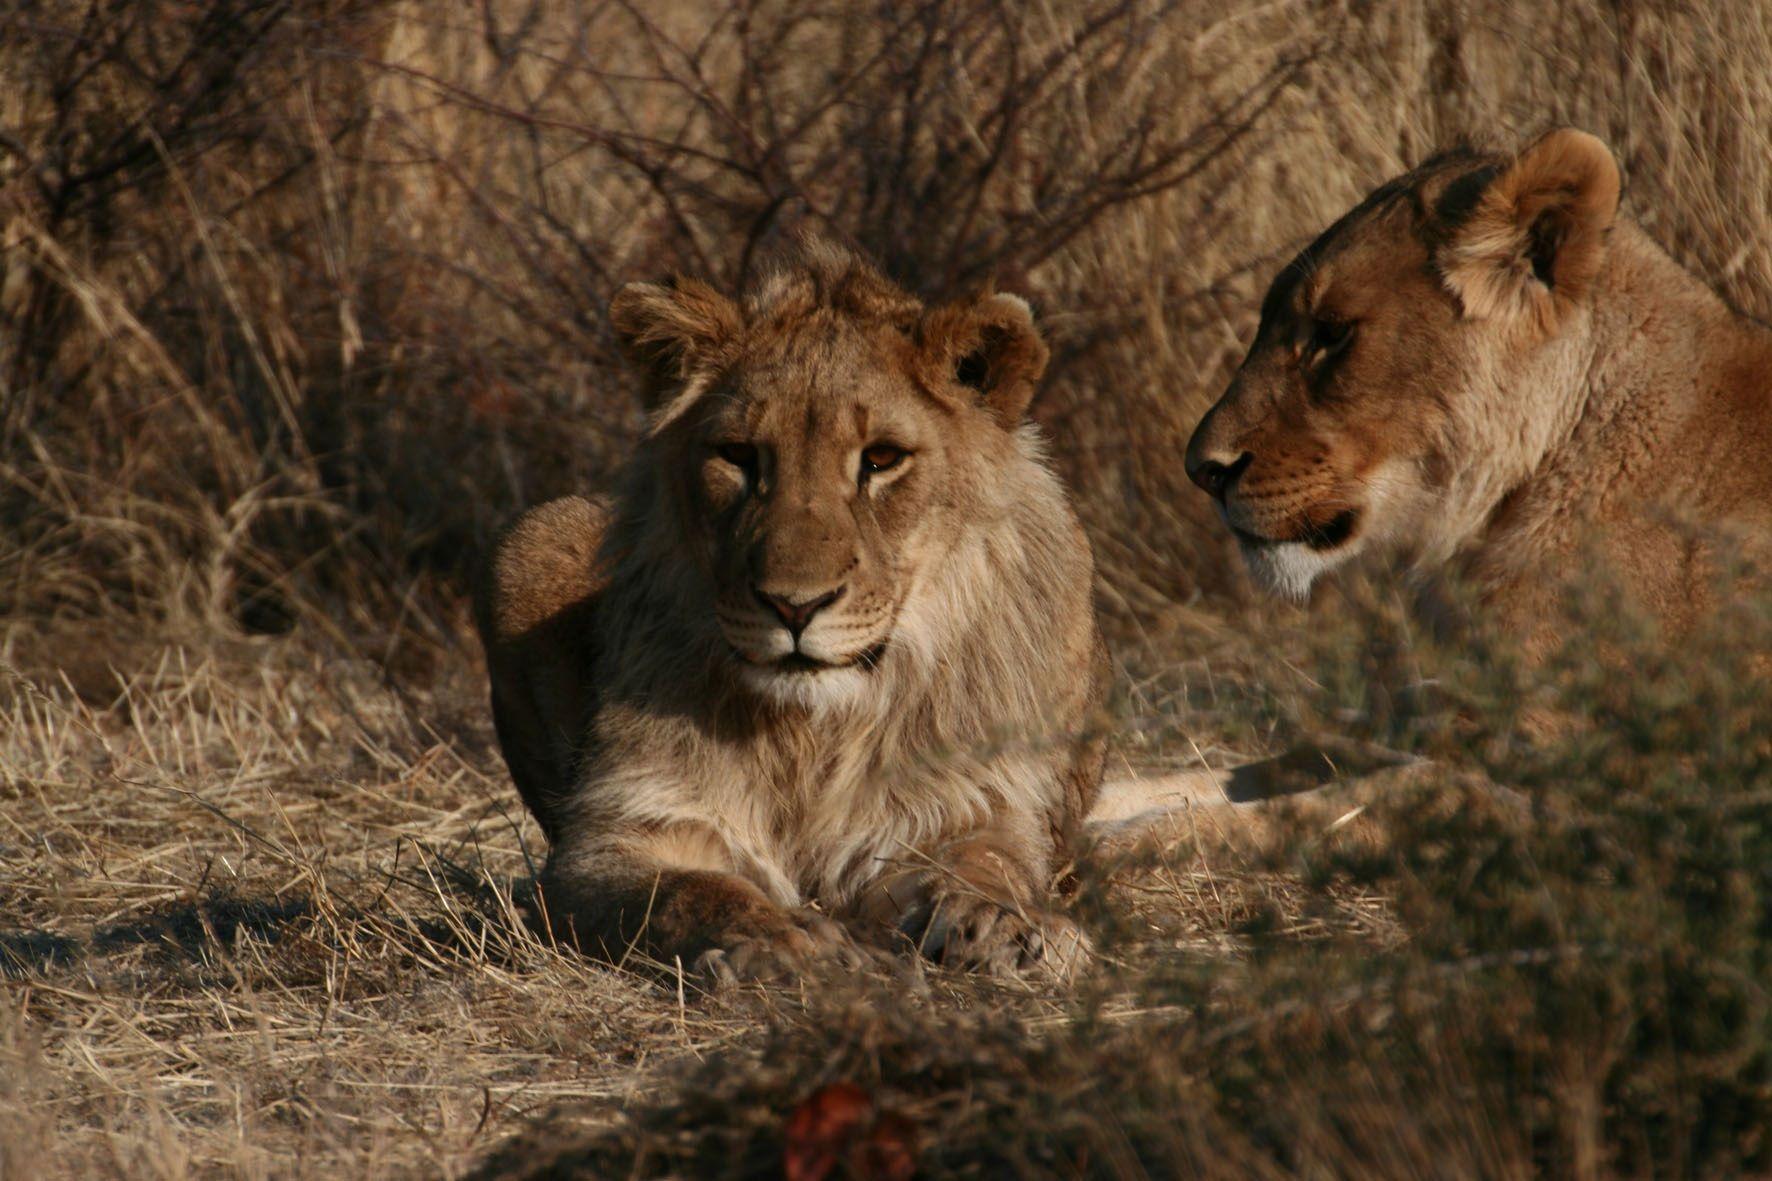 Wist je dat als je een cheetah, leeuw of luipaard adopteert, je een foto van jouw 'kat' ontvangt? Kan je bijvoorbeeld inlijsten. En je ontvangt het levensverhaaal van je kat: waar komt ie vandaan en wat heeft ie al meegemaakt? Hoe het verder gaat met je adoptiekat hoor je jaarlijks van ons. Je kent vast wel iemand die het prachtig zou vinden om een kat zoals de bijzondere leeuw Shenzi te adopteren. ♥ Doe het nu: http://www.stichtingspots.nl/index.php?page=356